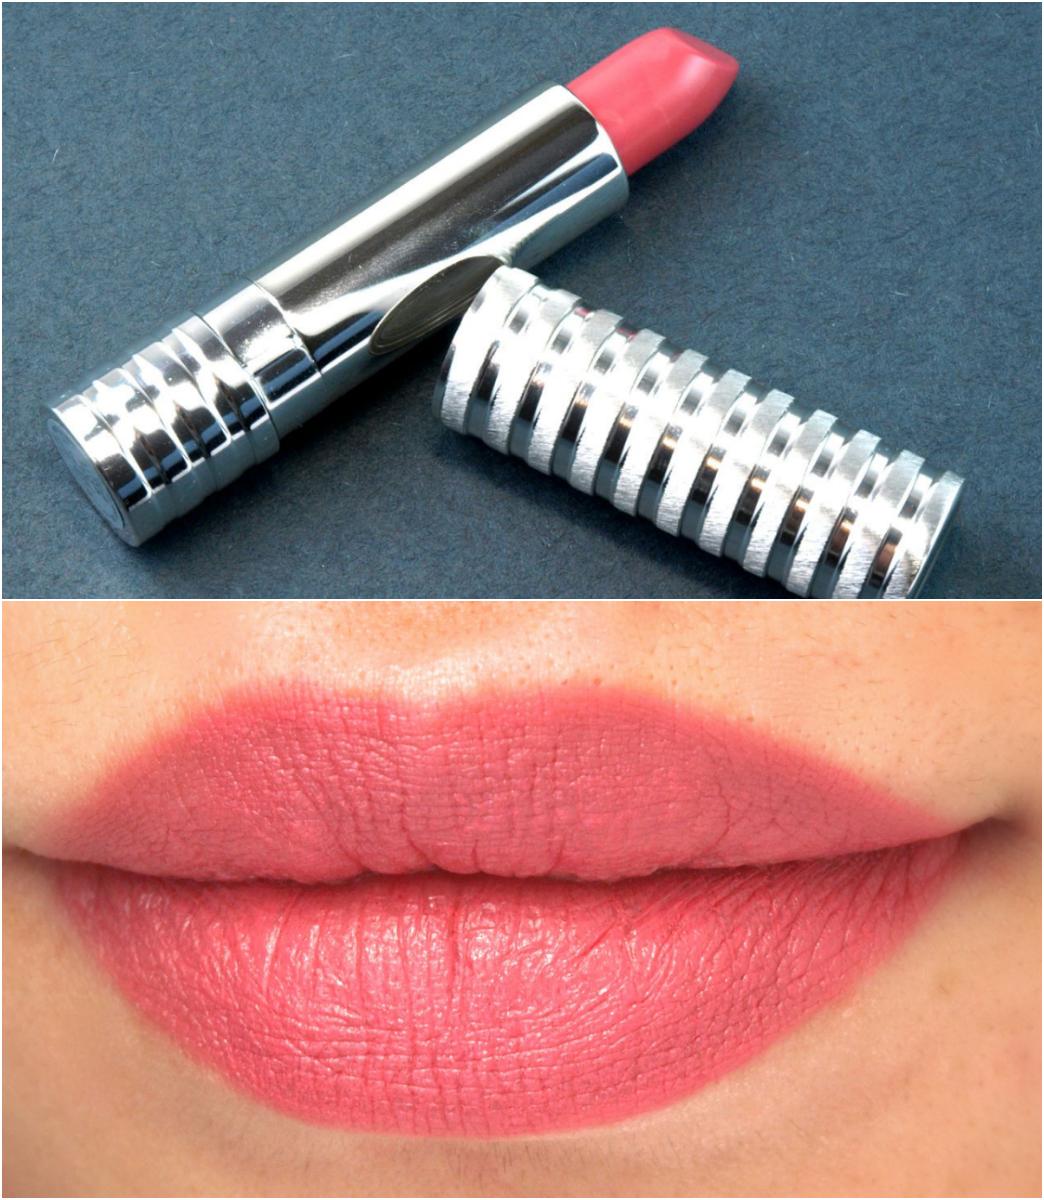 Clinique Long Last Soft Matte Lipstick Review Swatches